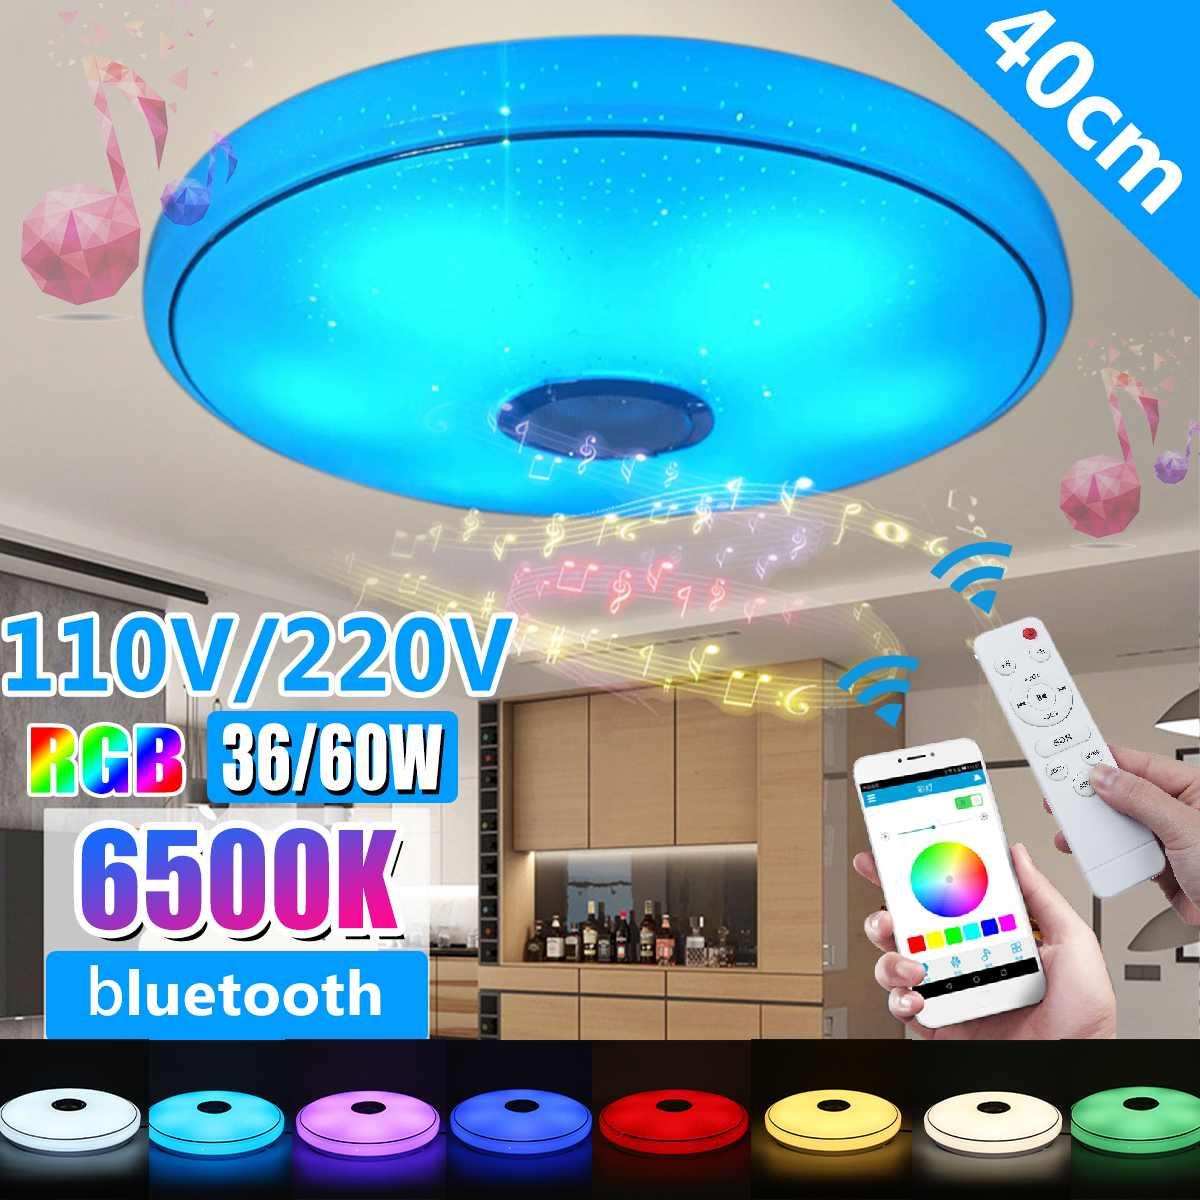 Lampes de chambre à coucher, plafonnement à la mode à la maison, éclairage de lit à la maison, éclairage de lit à la maison, éclairage de plafond intelligent + télécommande